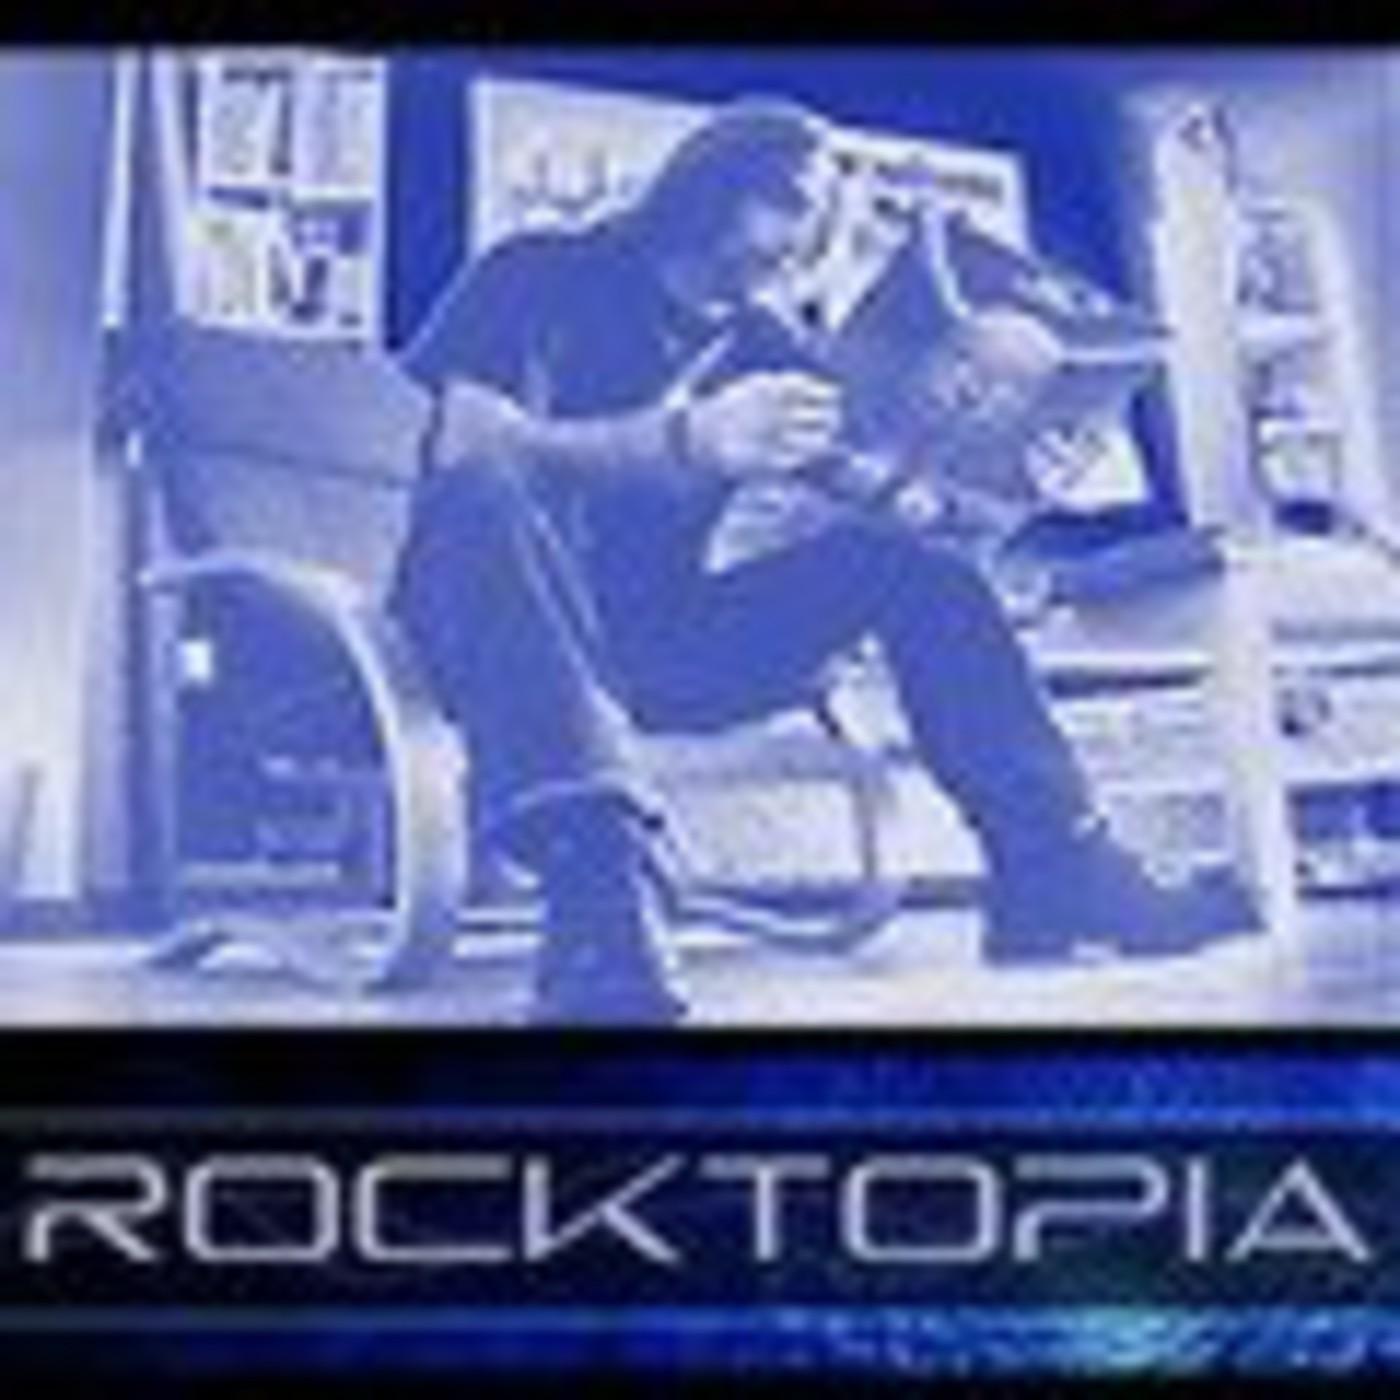 ROCKTOPIA - Rafa Llo